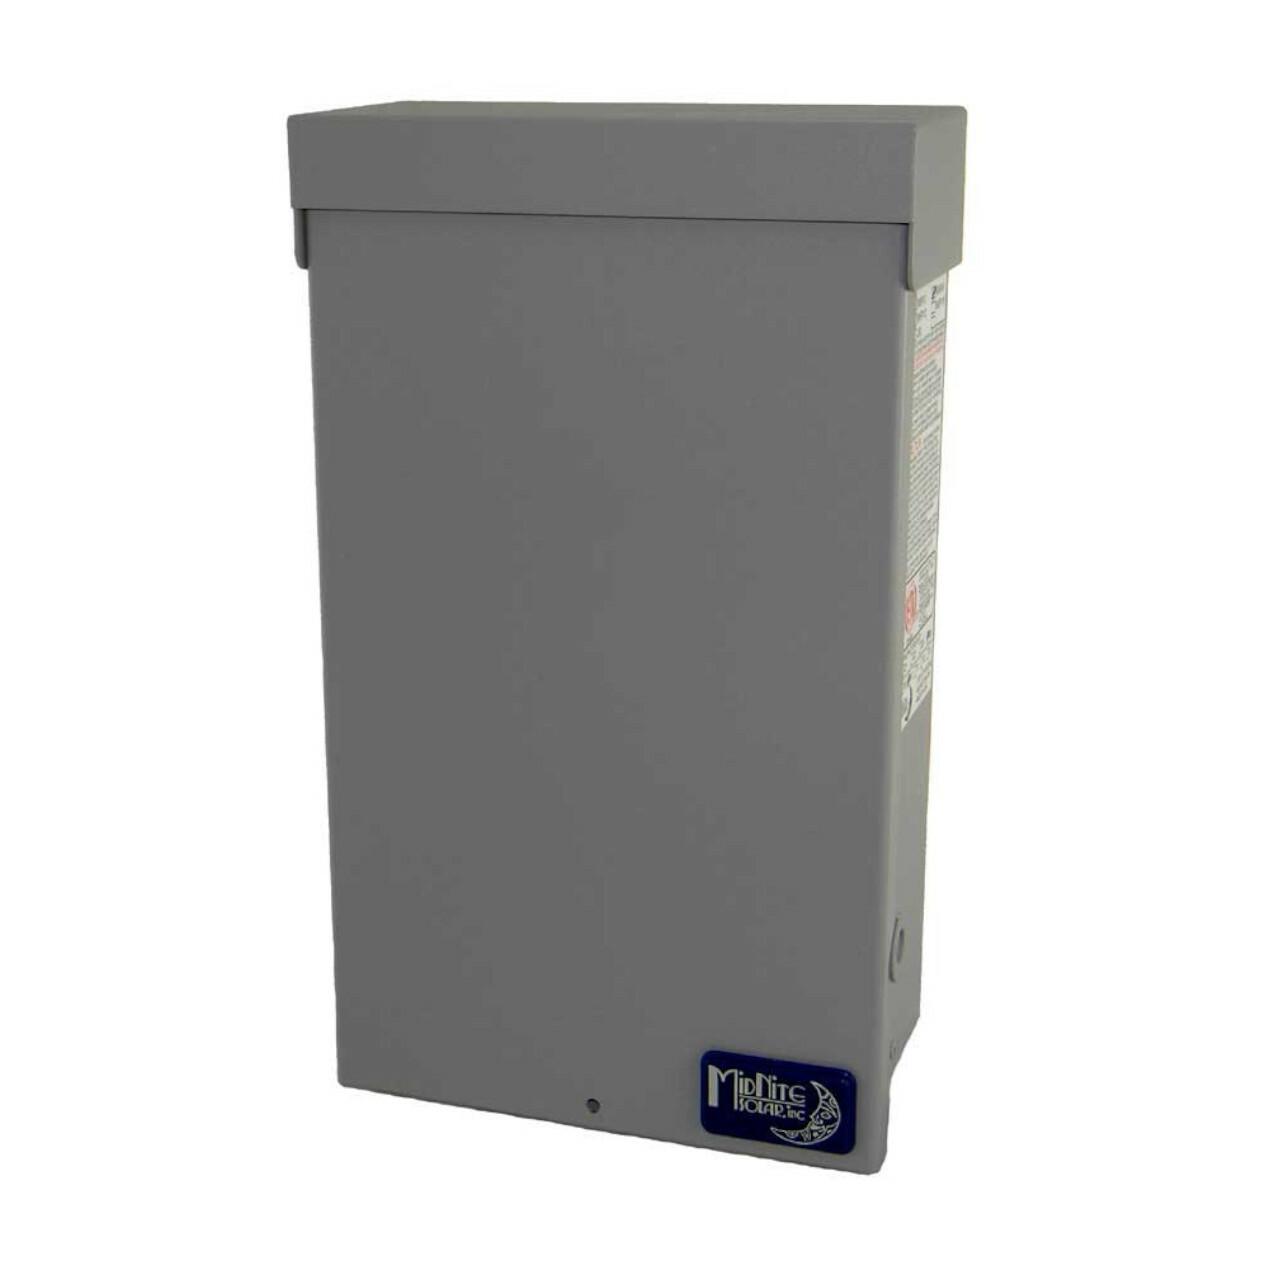 MidNite Solar - MNPV3 DC Combiner Box - Closed